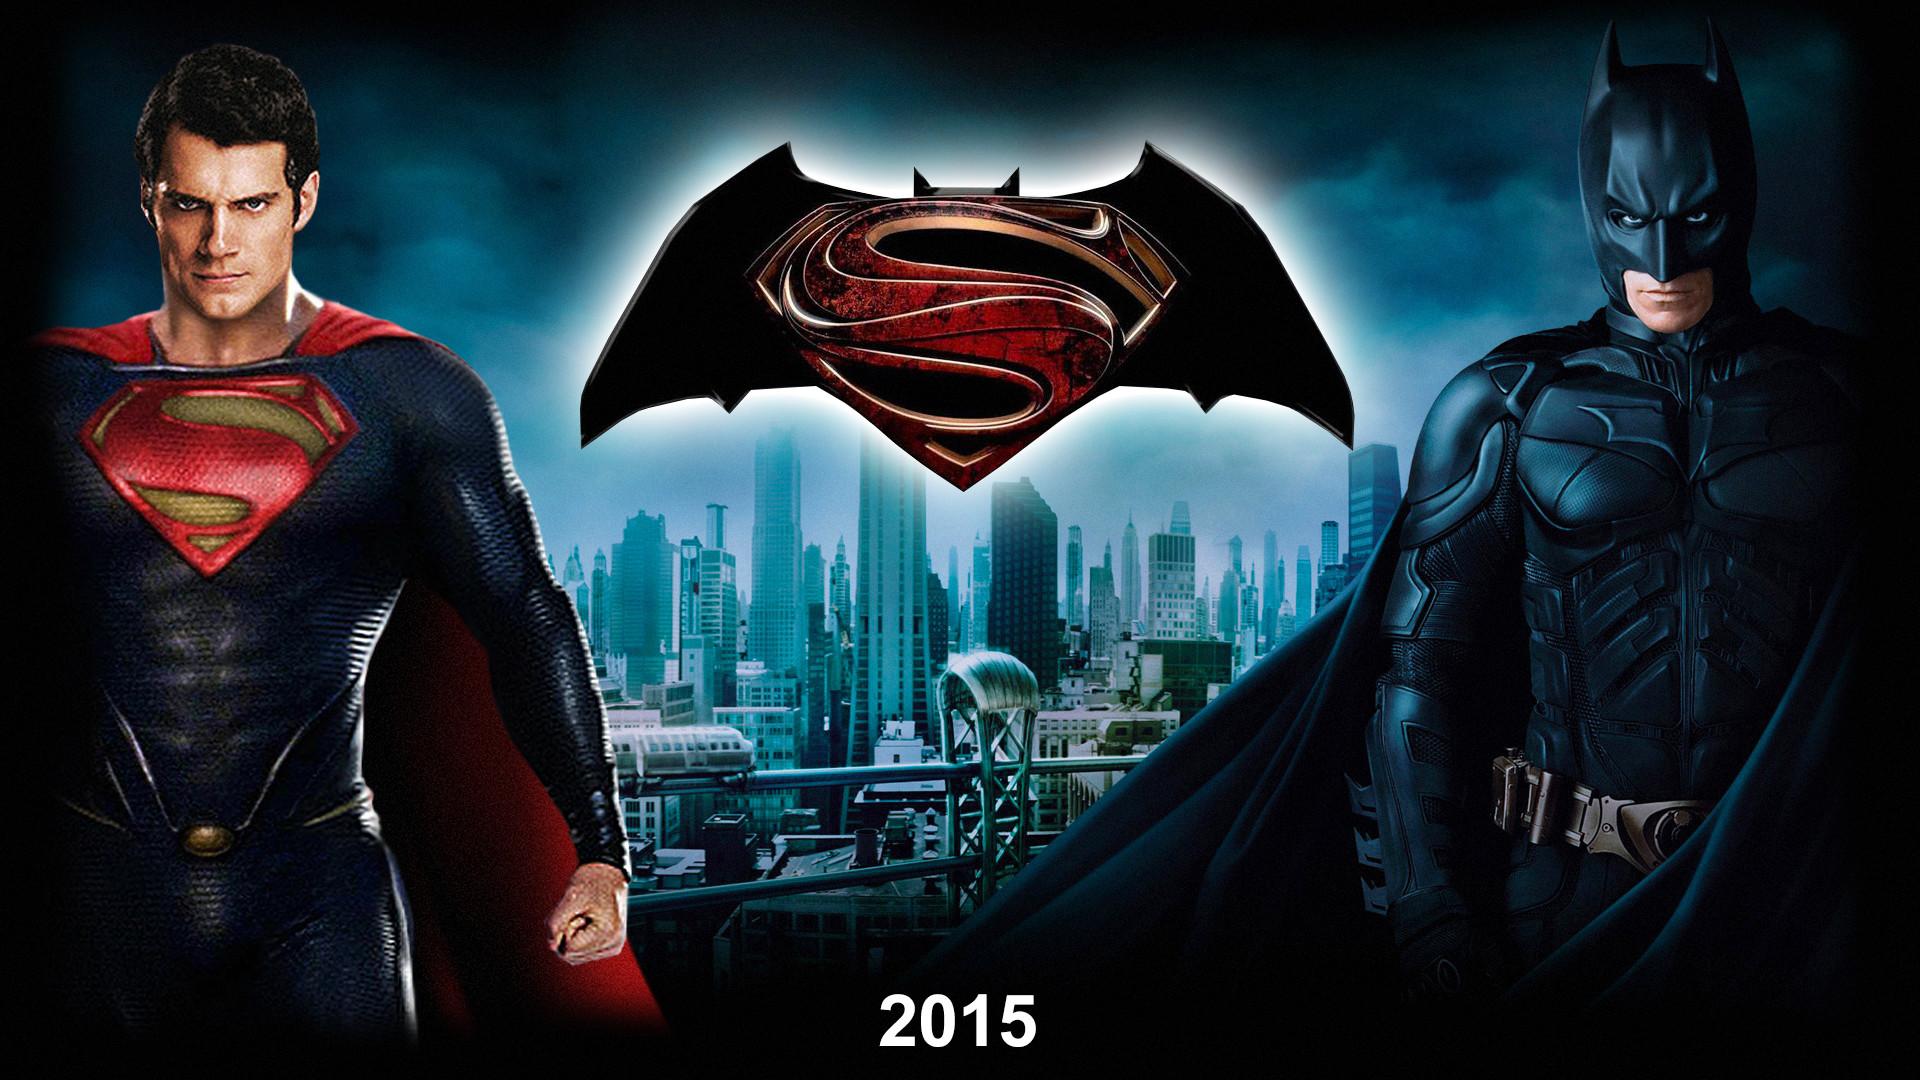 Res: 1920x1080, Batman vs Superman 2015 Movie